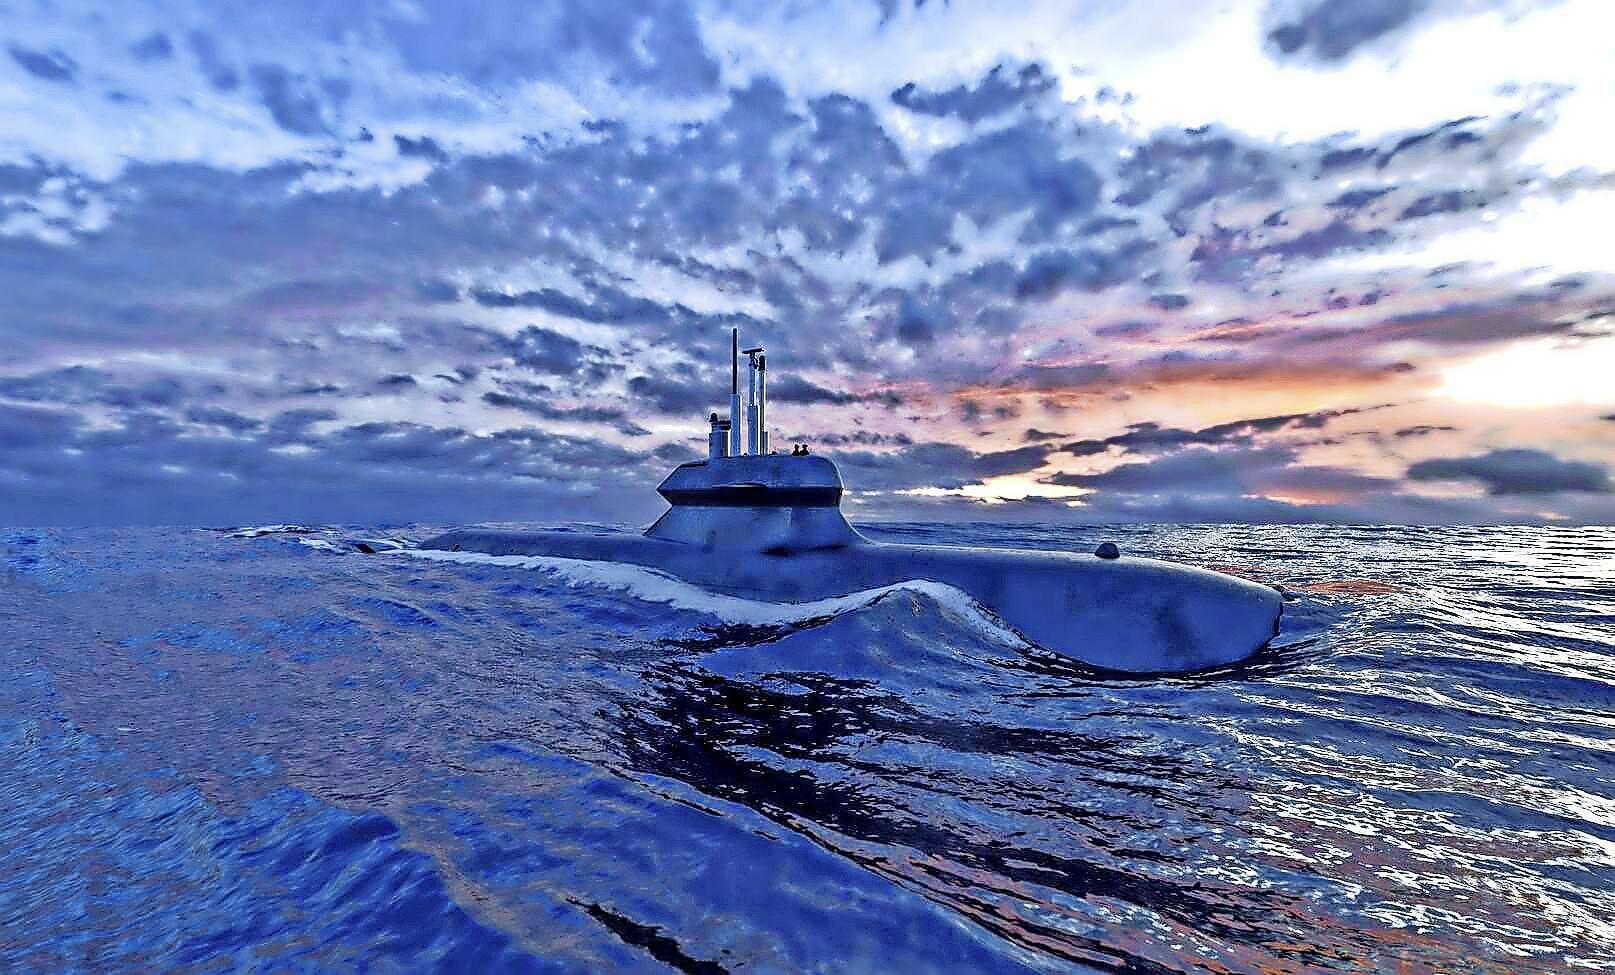 'Zet belang van bouw onderzeeboten voor de regionale economie in het regeerakkoord', bepleiten vier commissarissen van de Koning